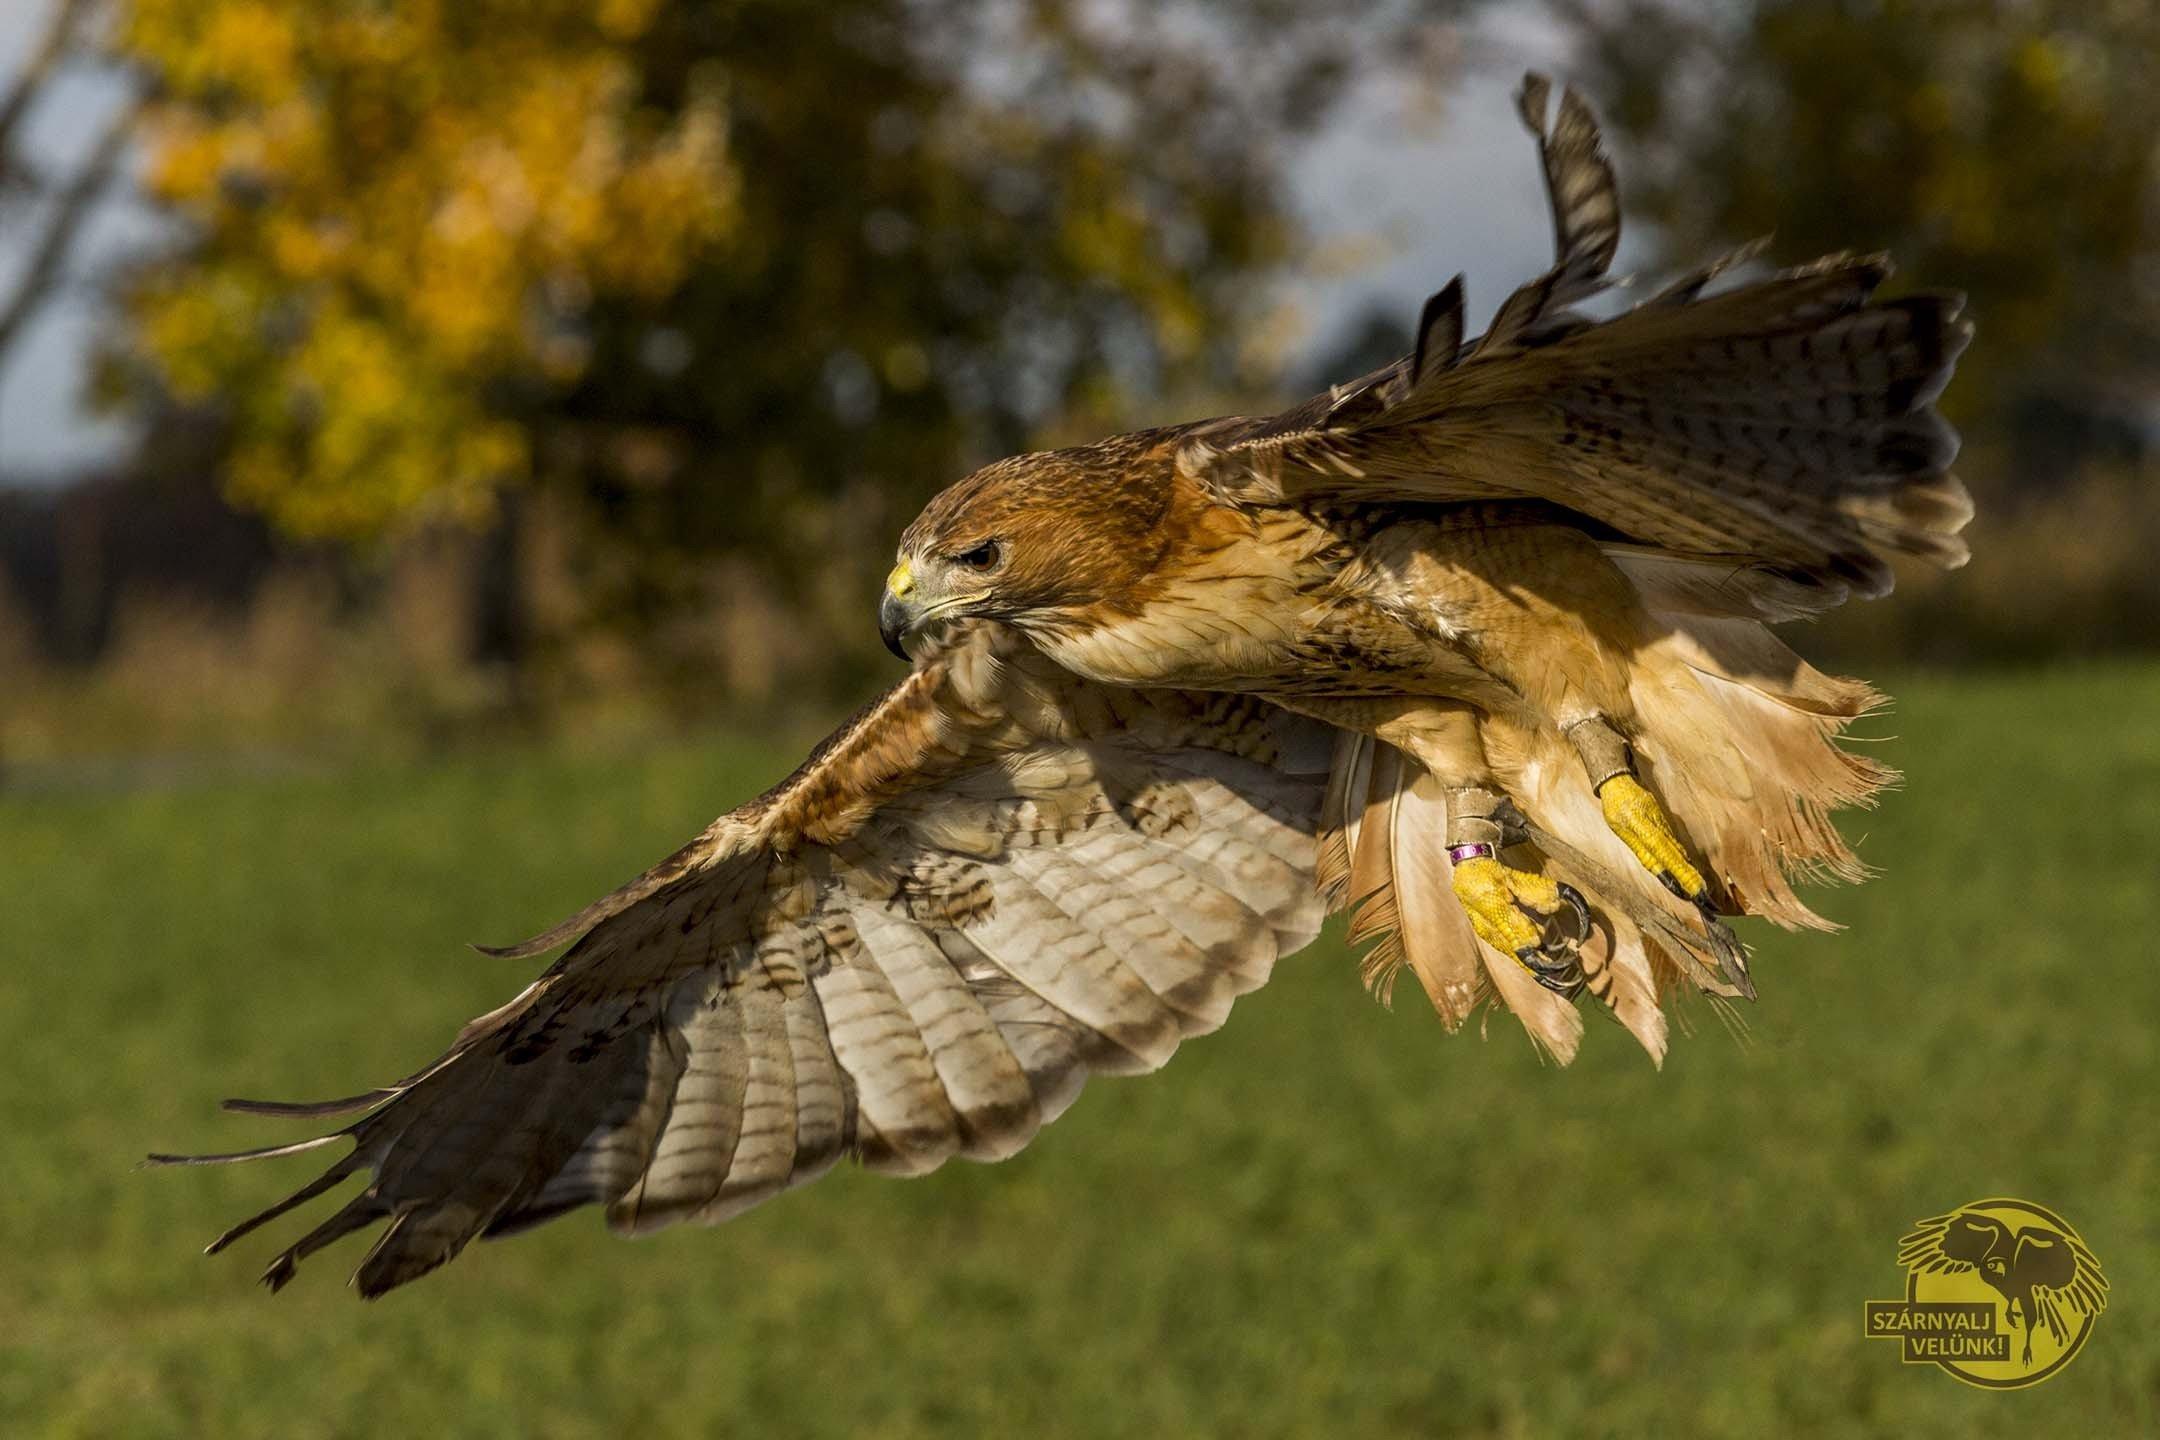 Nagy sikert aratott az első madárreptetéses állatbemutató a Kecskeméti Vadaskertben